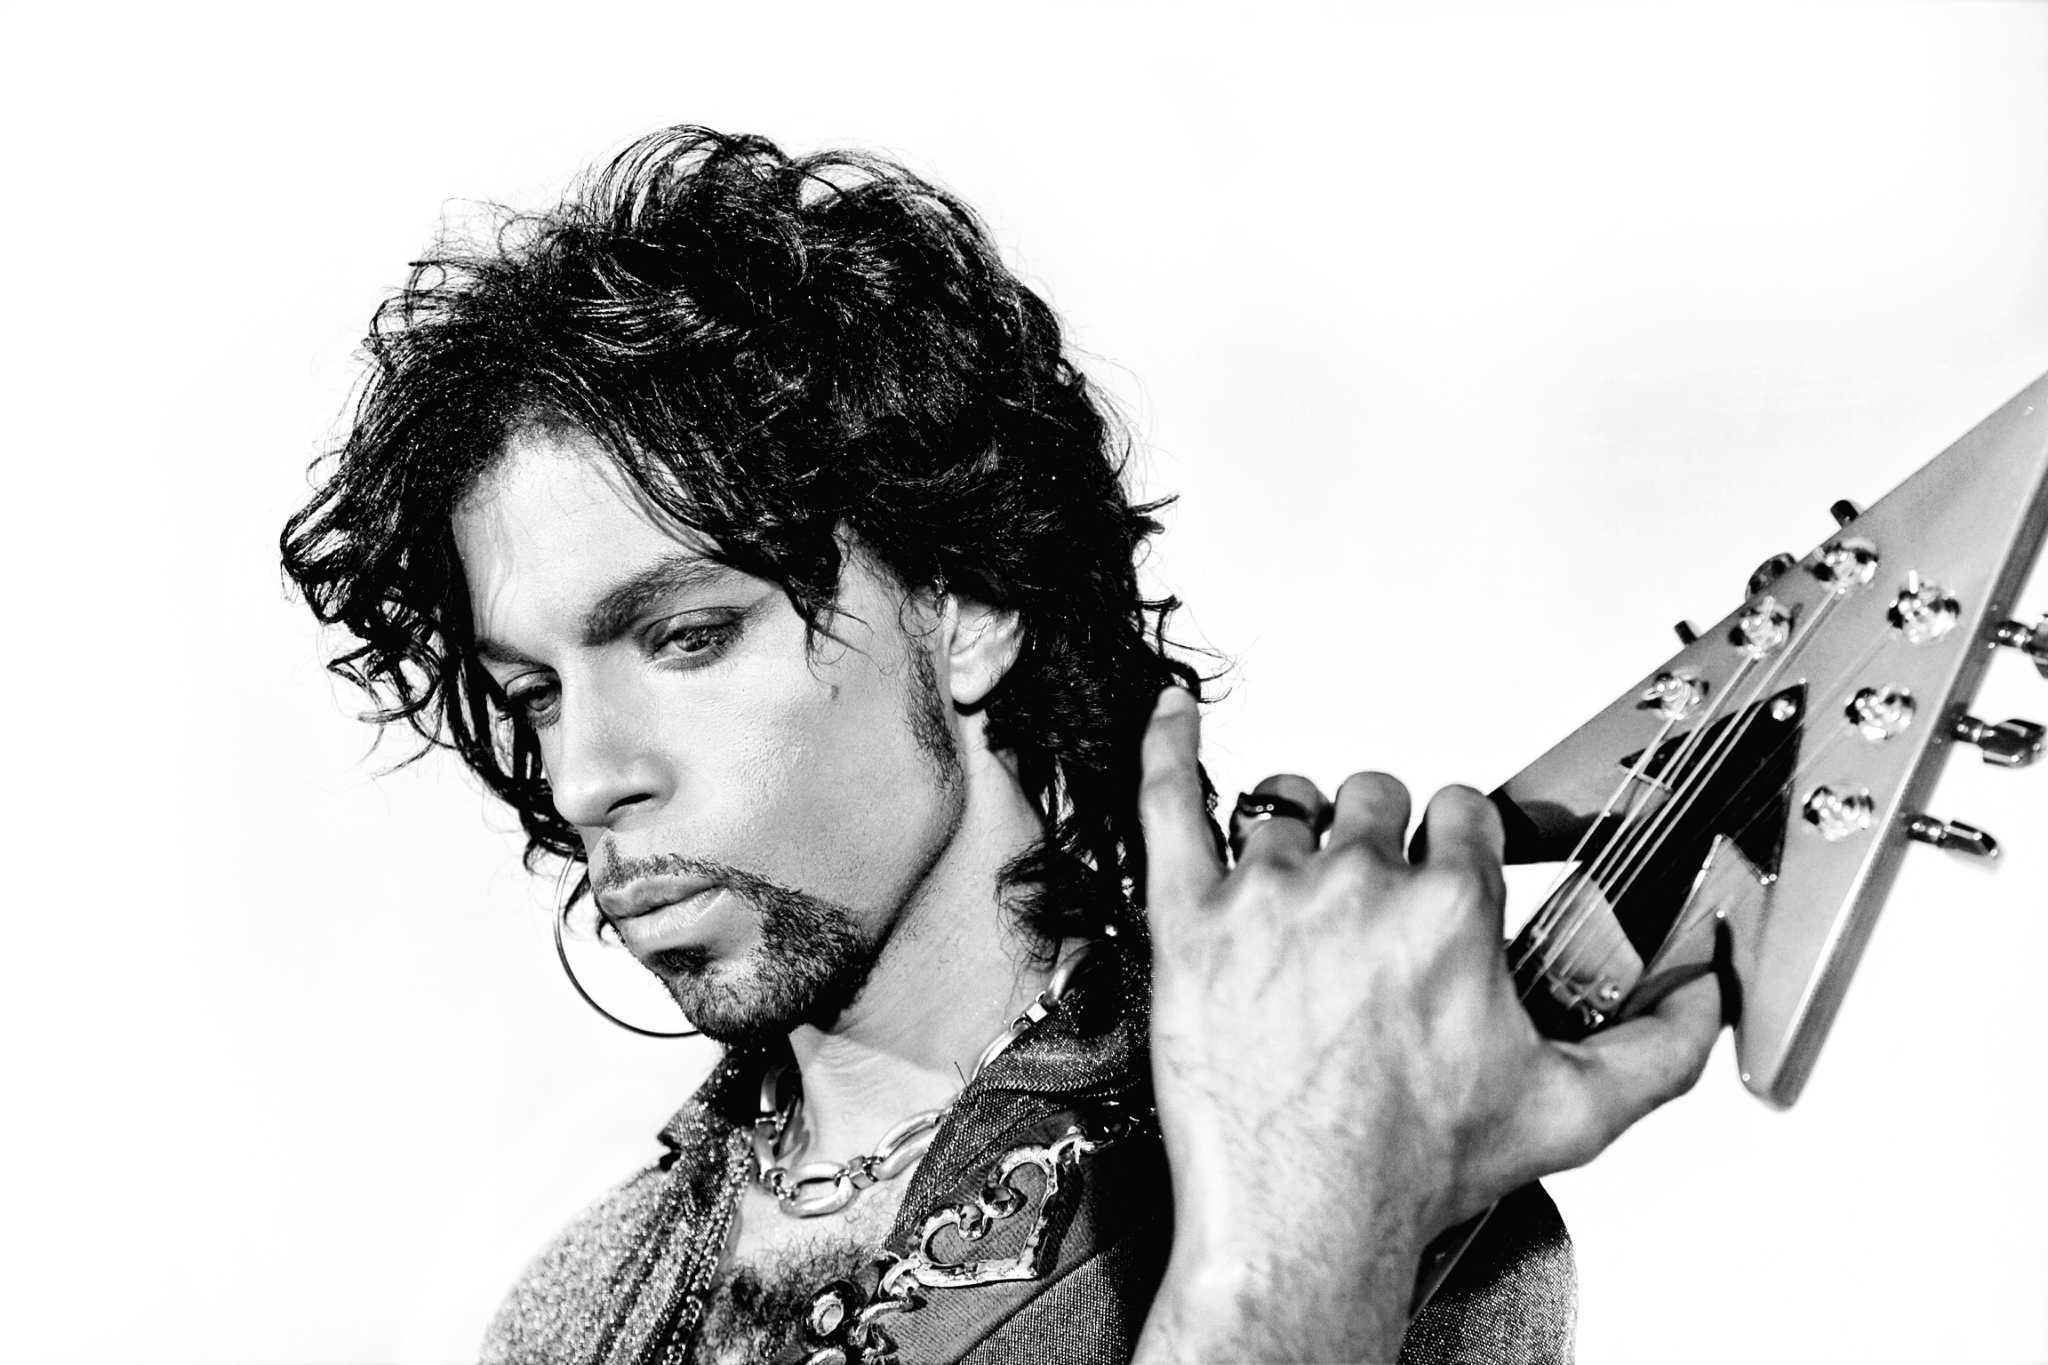 Prince photos photo 66